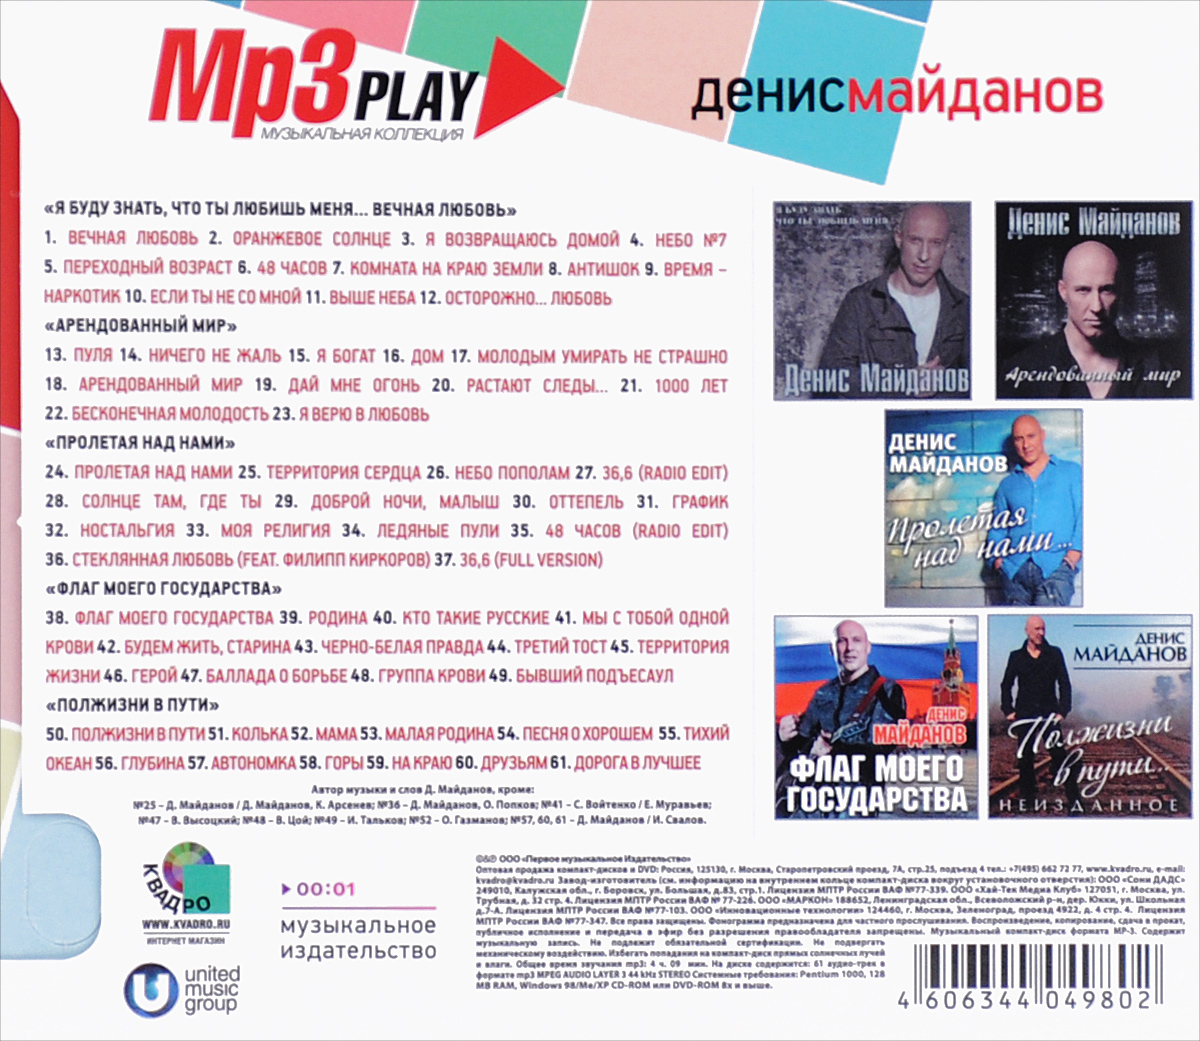 MP3 Play. Денис Майданов (mp3) Первое Музыкальное Издательство